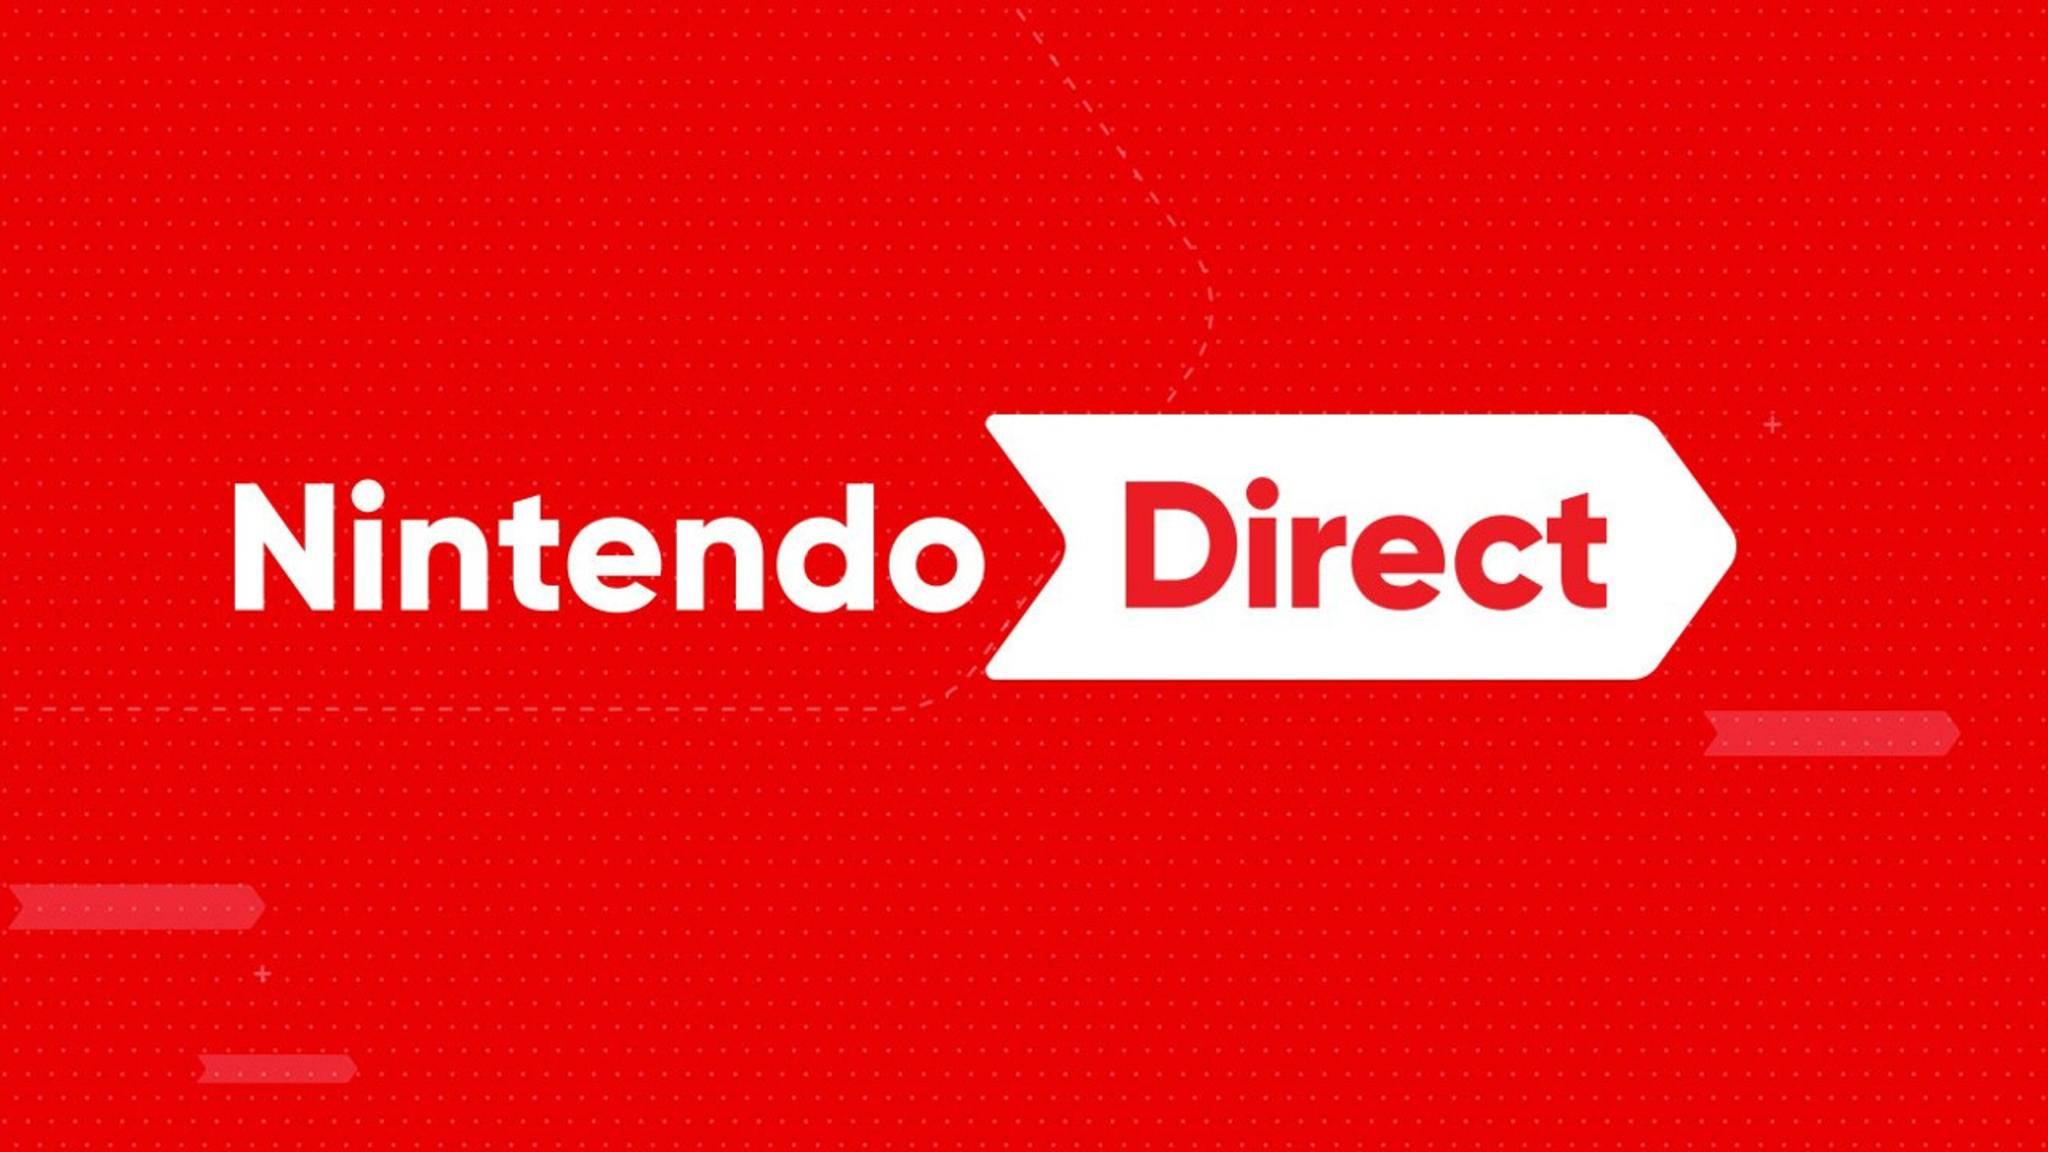 Eien Naturkatastrophe durchkreuzt Nintendos Direct-Pläne.